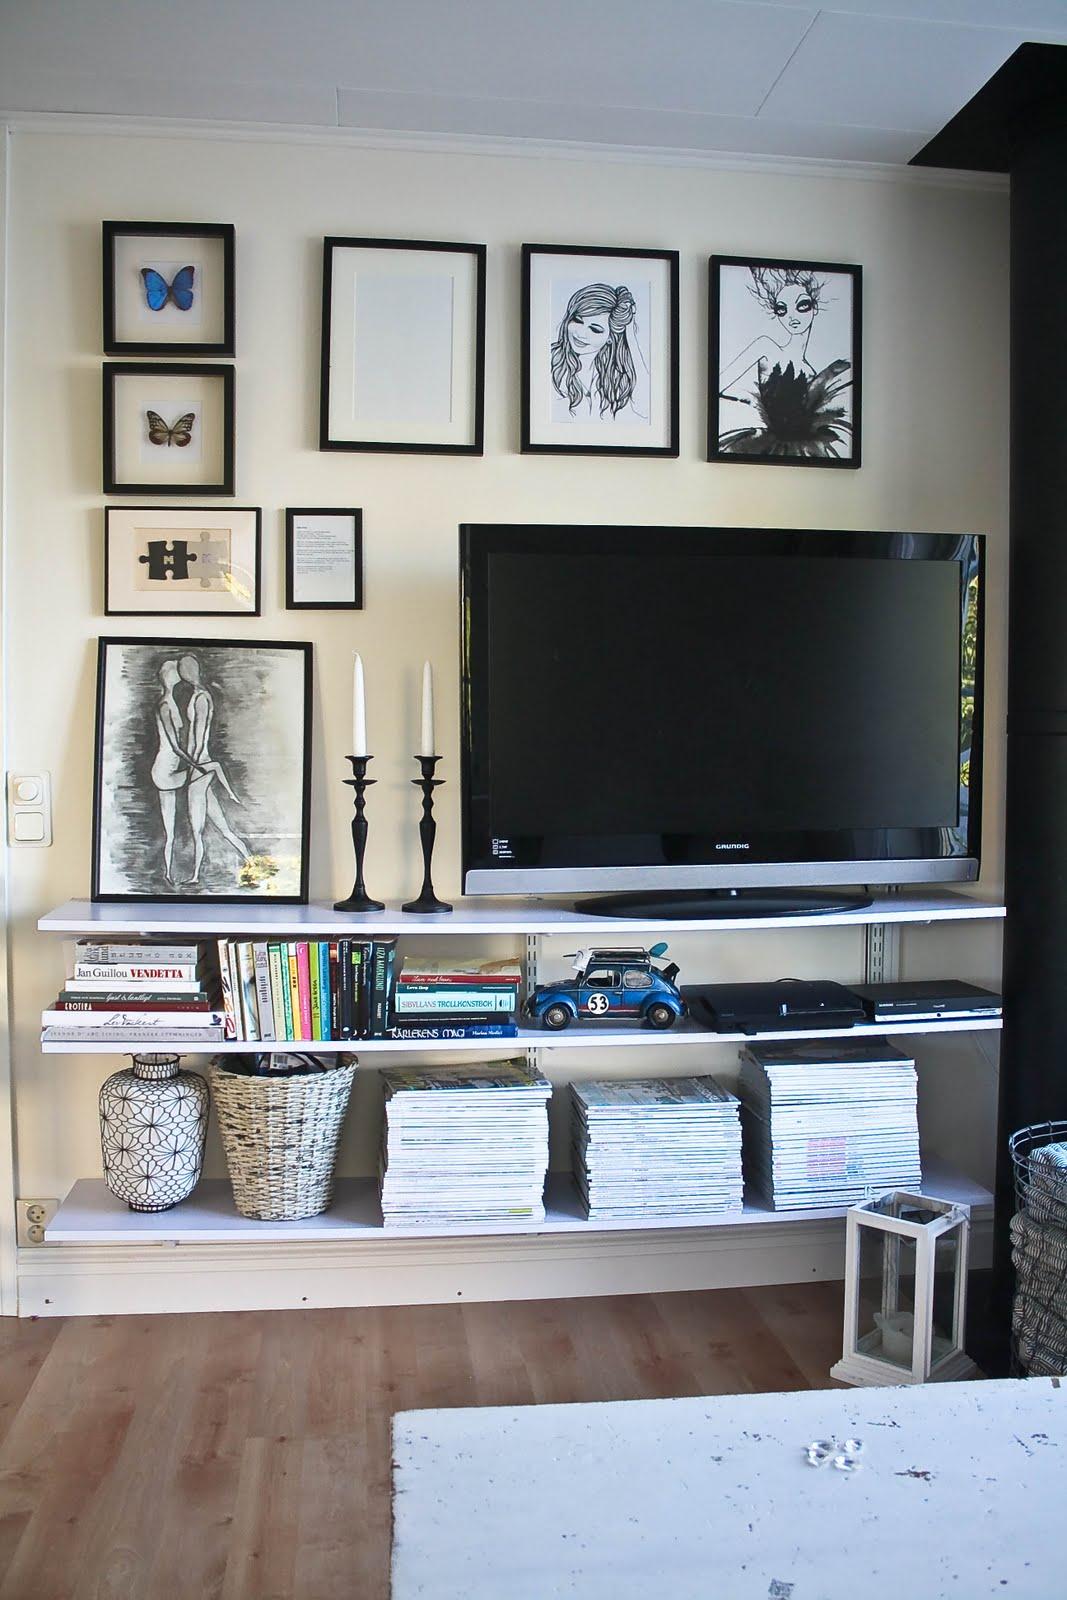 Decor On Wall Behind Tv : Marits vita skrin tv v?ggen